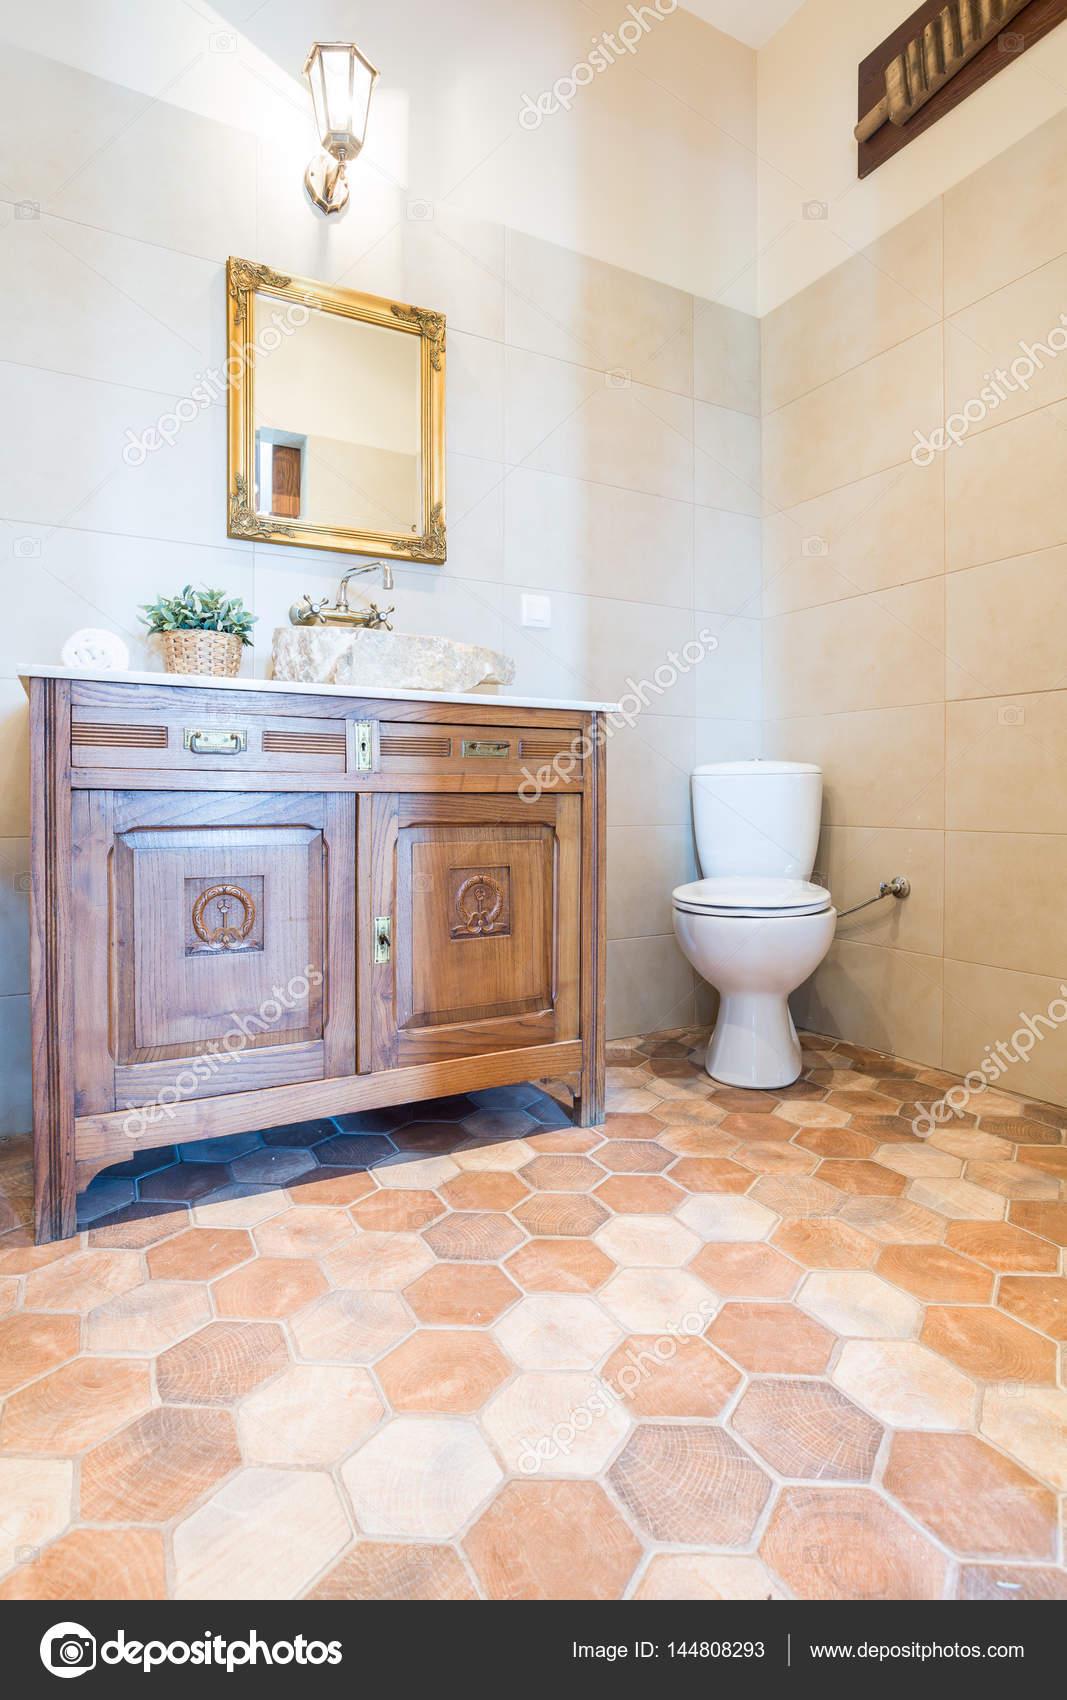 Bestandteil Der Räumlichen Elegantes Badezimmer Mit WC Sitz, Spiegel Und  Schrank U2014 Foto Von Photographee.eu